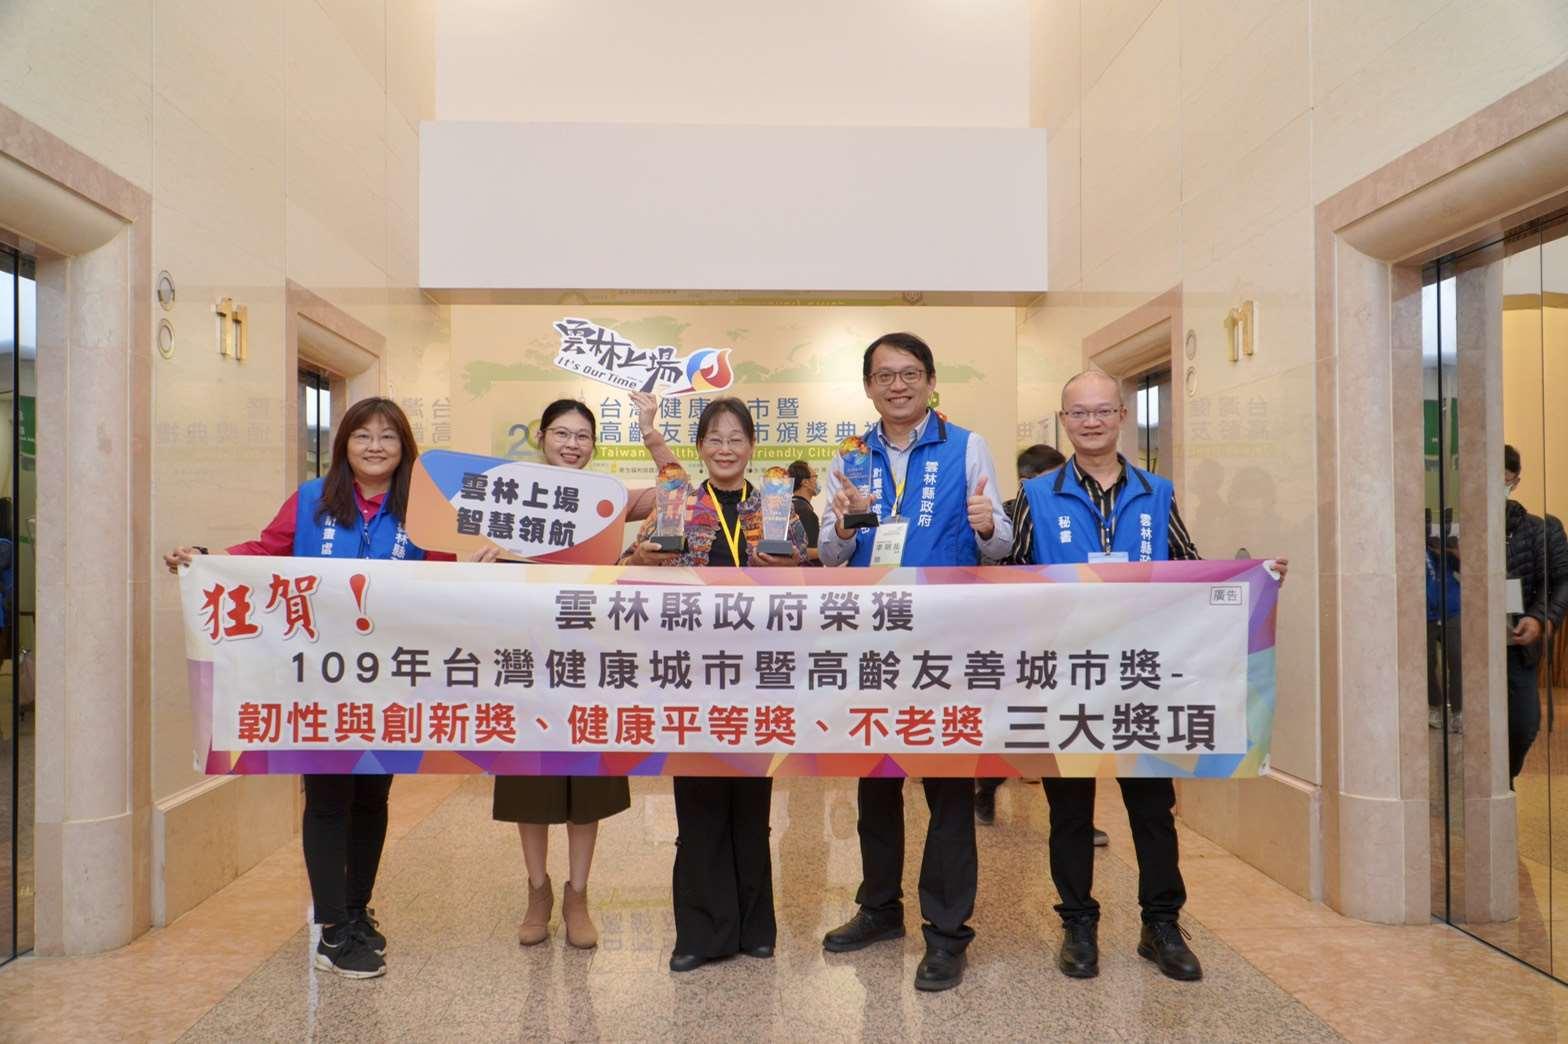 雲林縣政府榮獲「109年台灣健康城市暨高齡友善城市獎評選」健康城市類-韌性與創新獎、健康平等獎 及高齡友善城市獎類-不老獎創下史上最佳紀錄